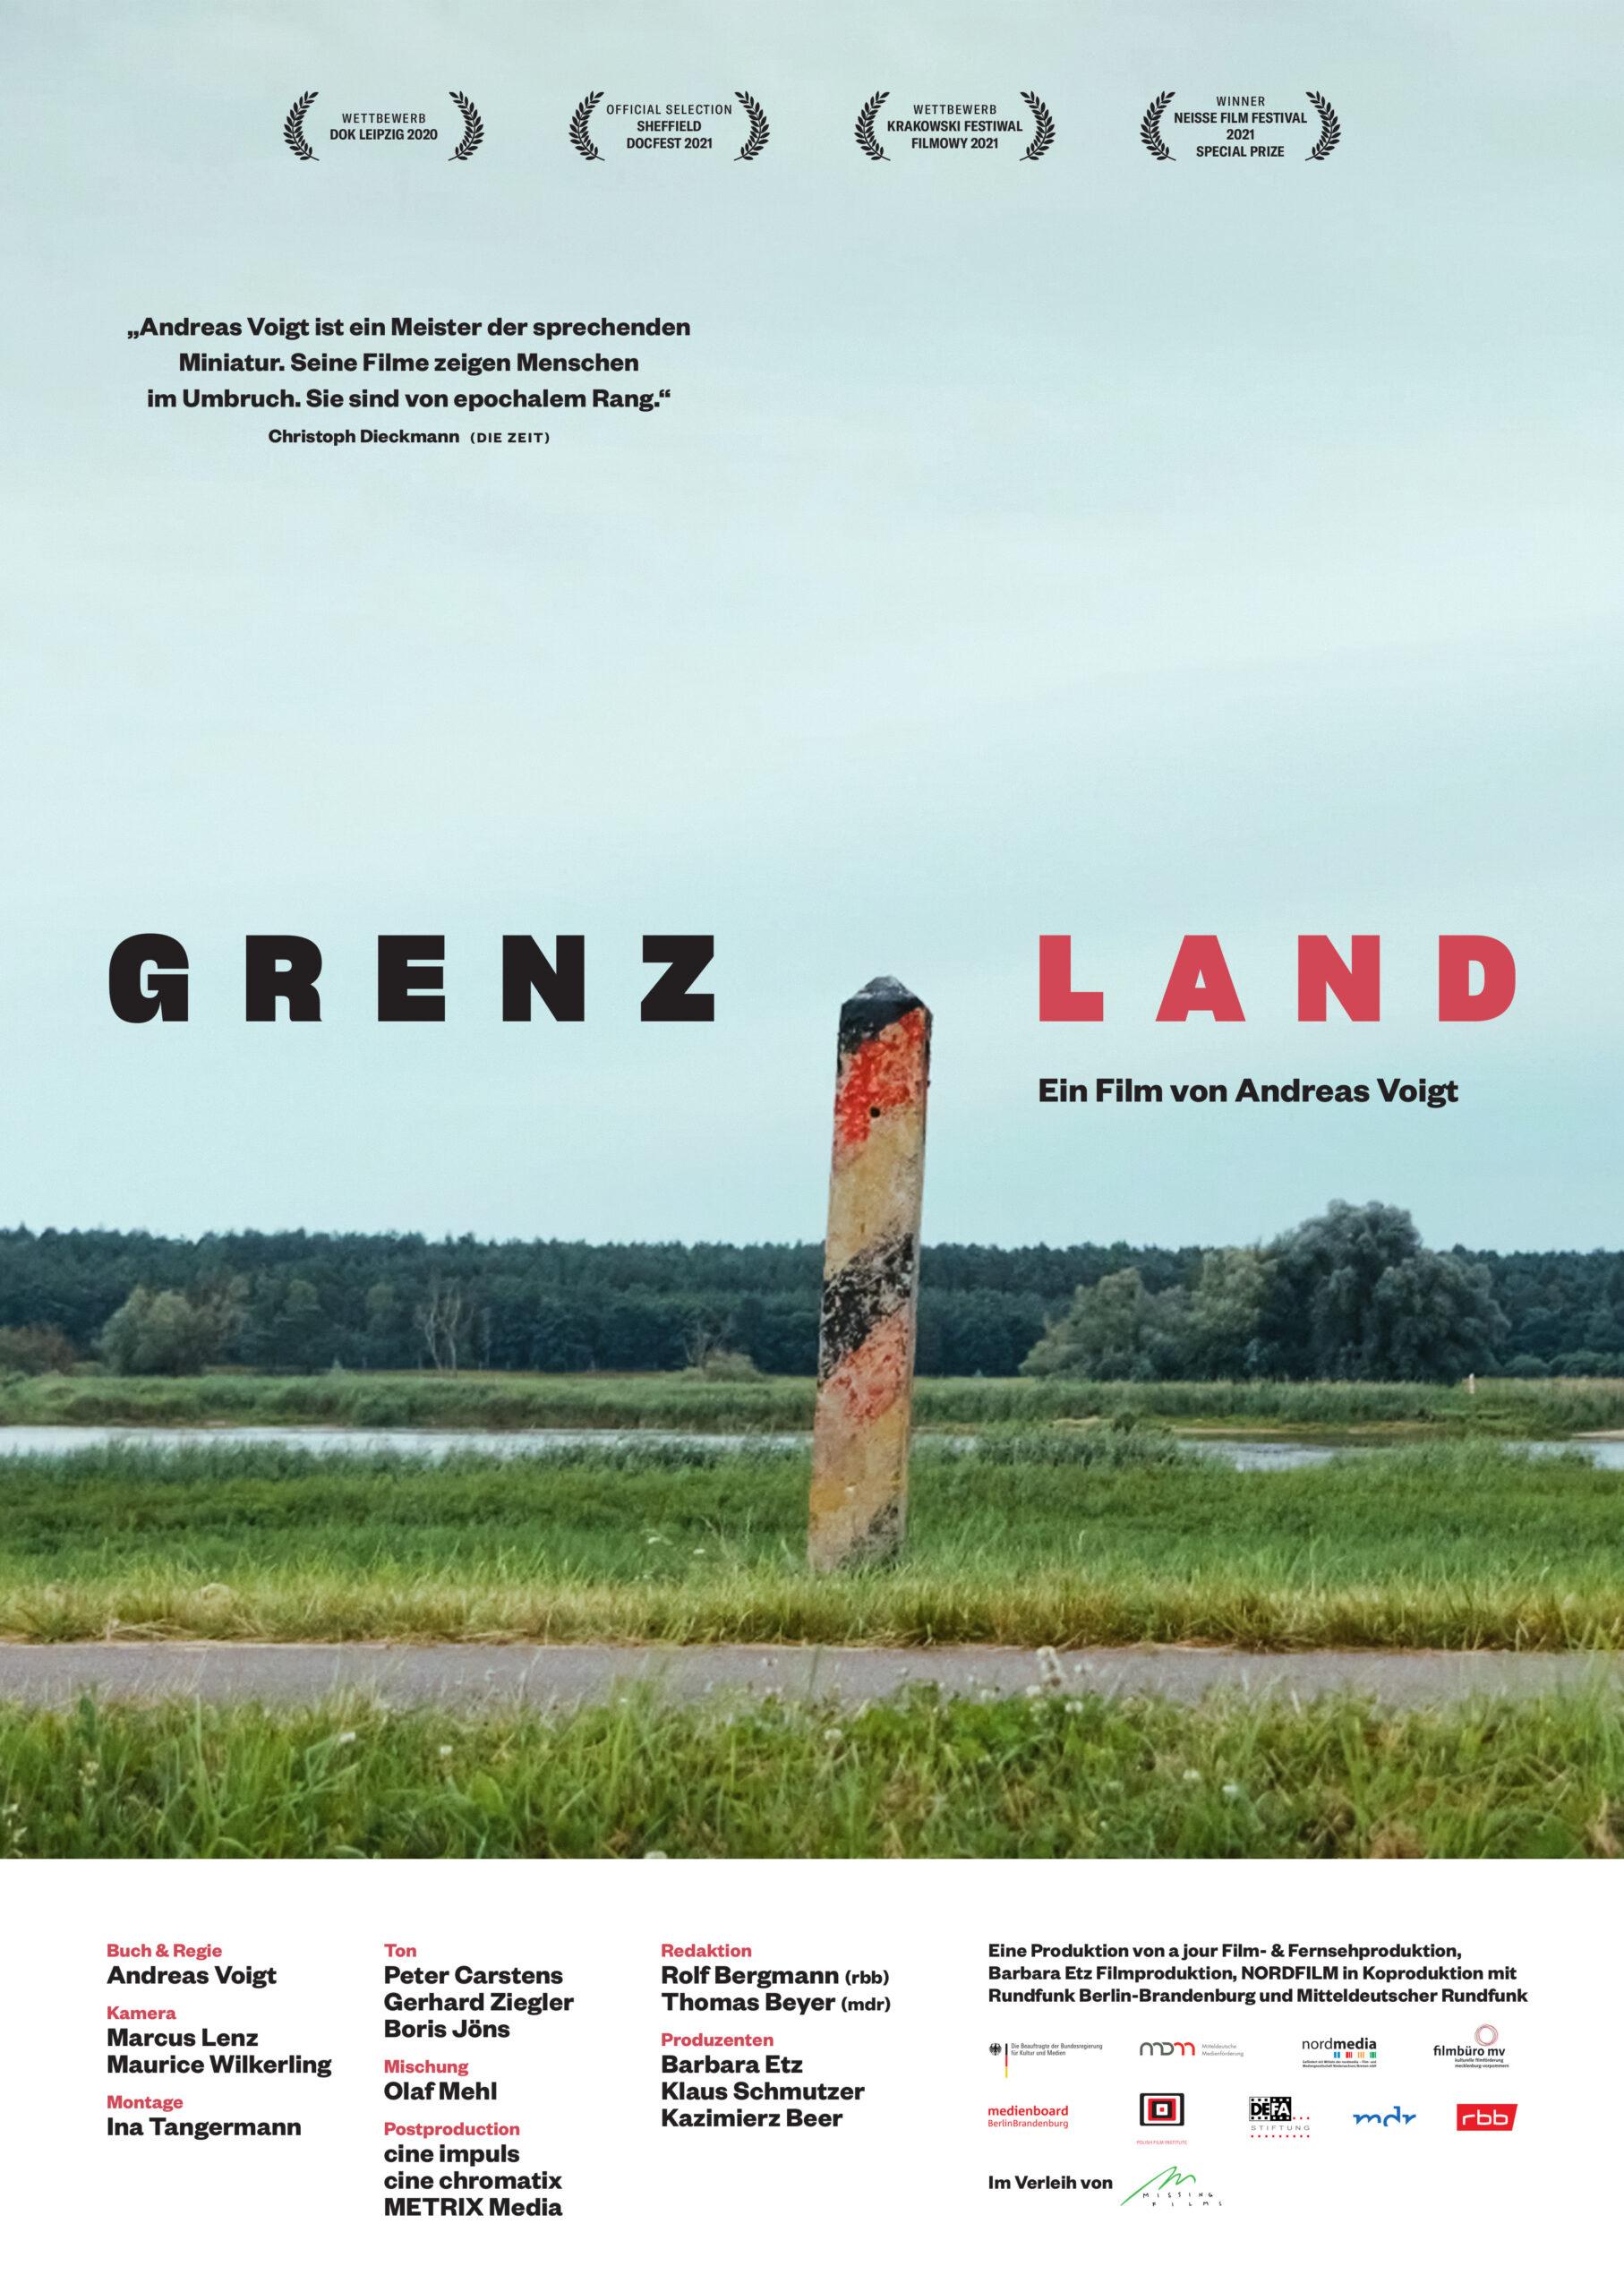 Grenzland: Film von Andreas Voigt